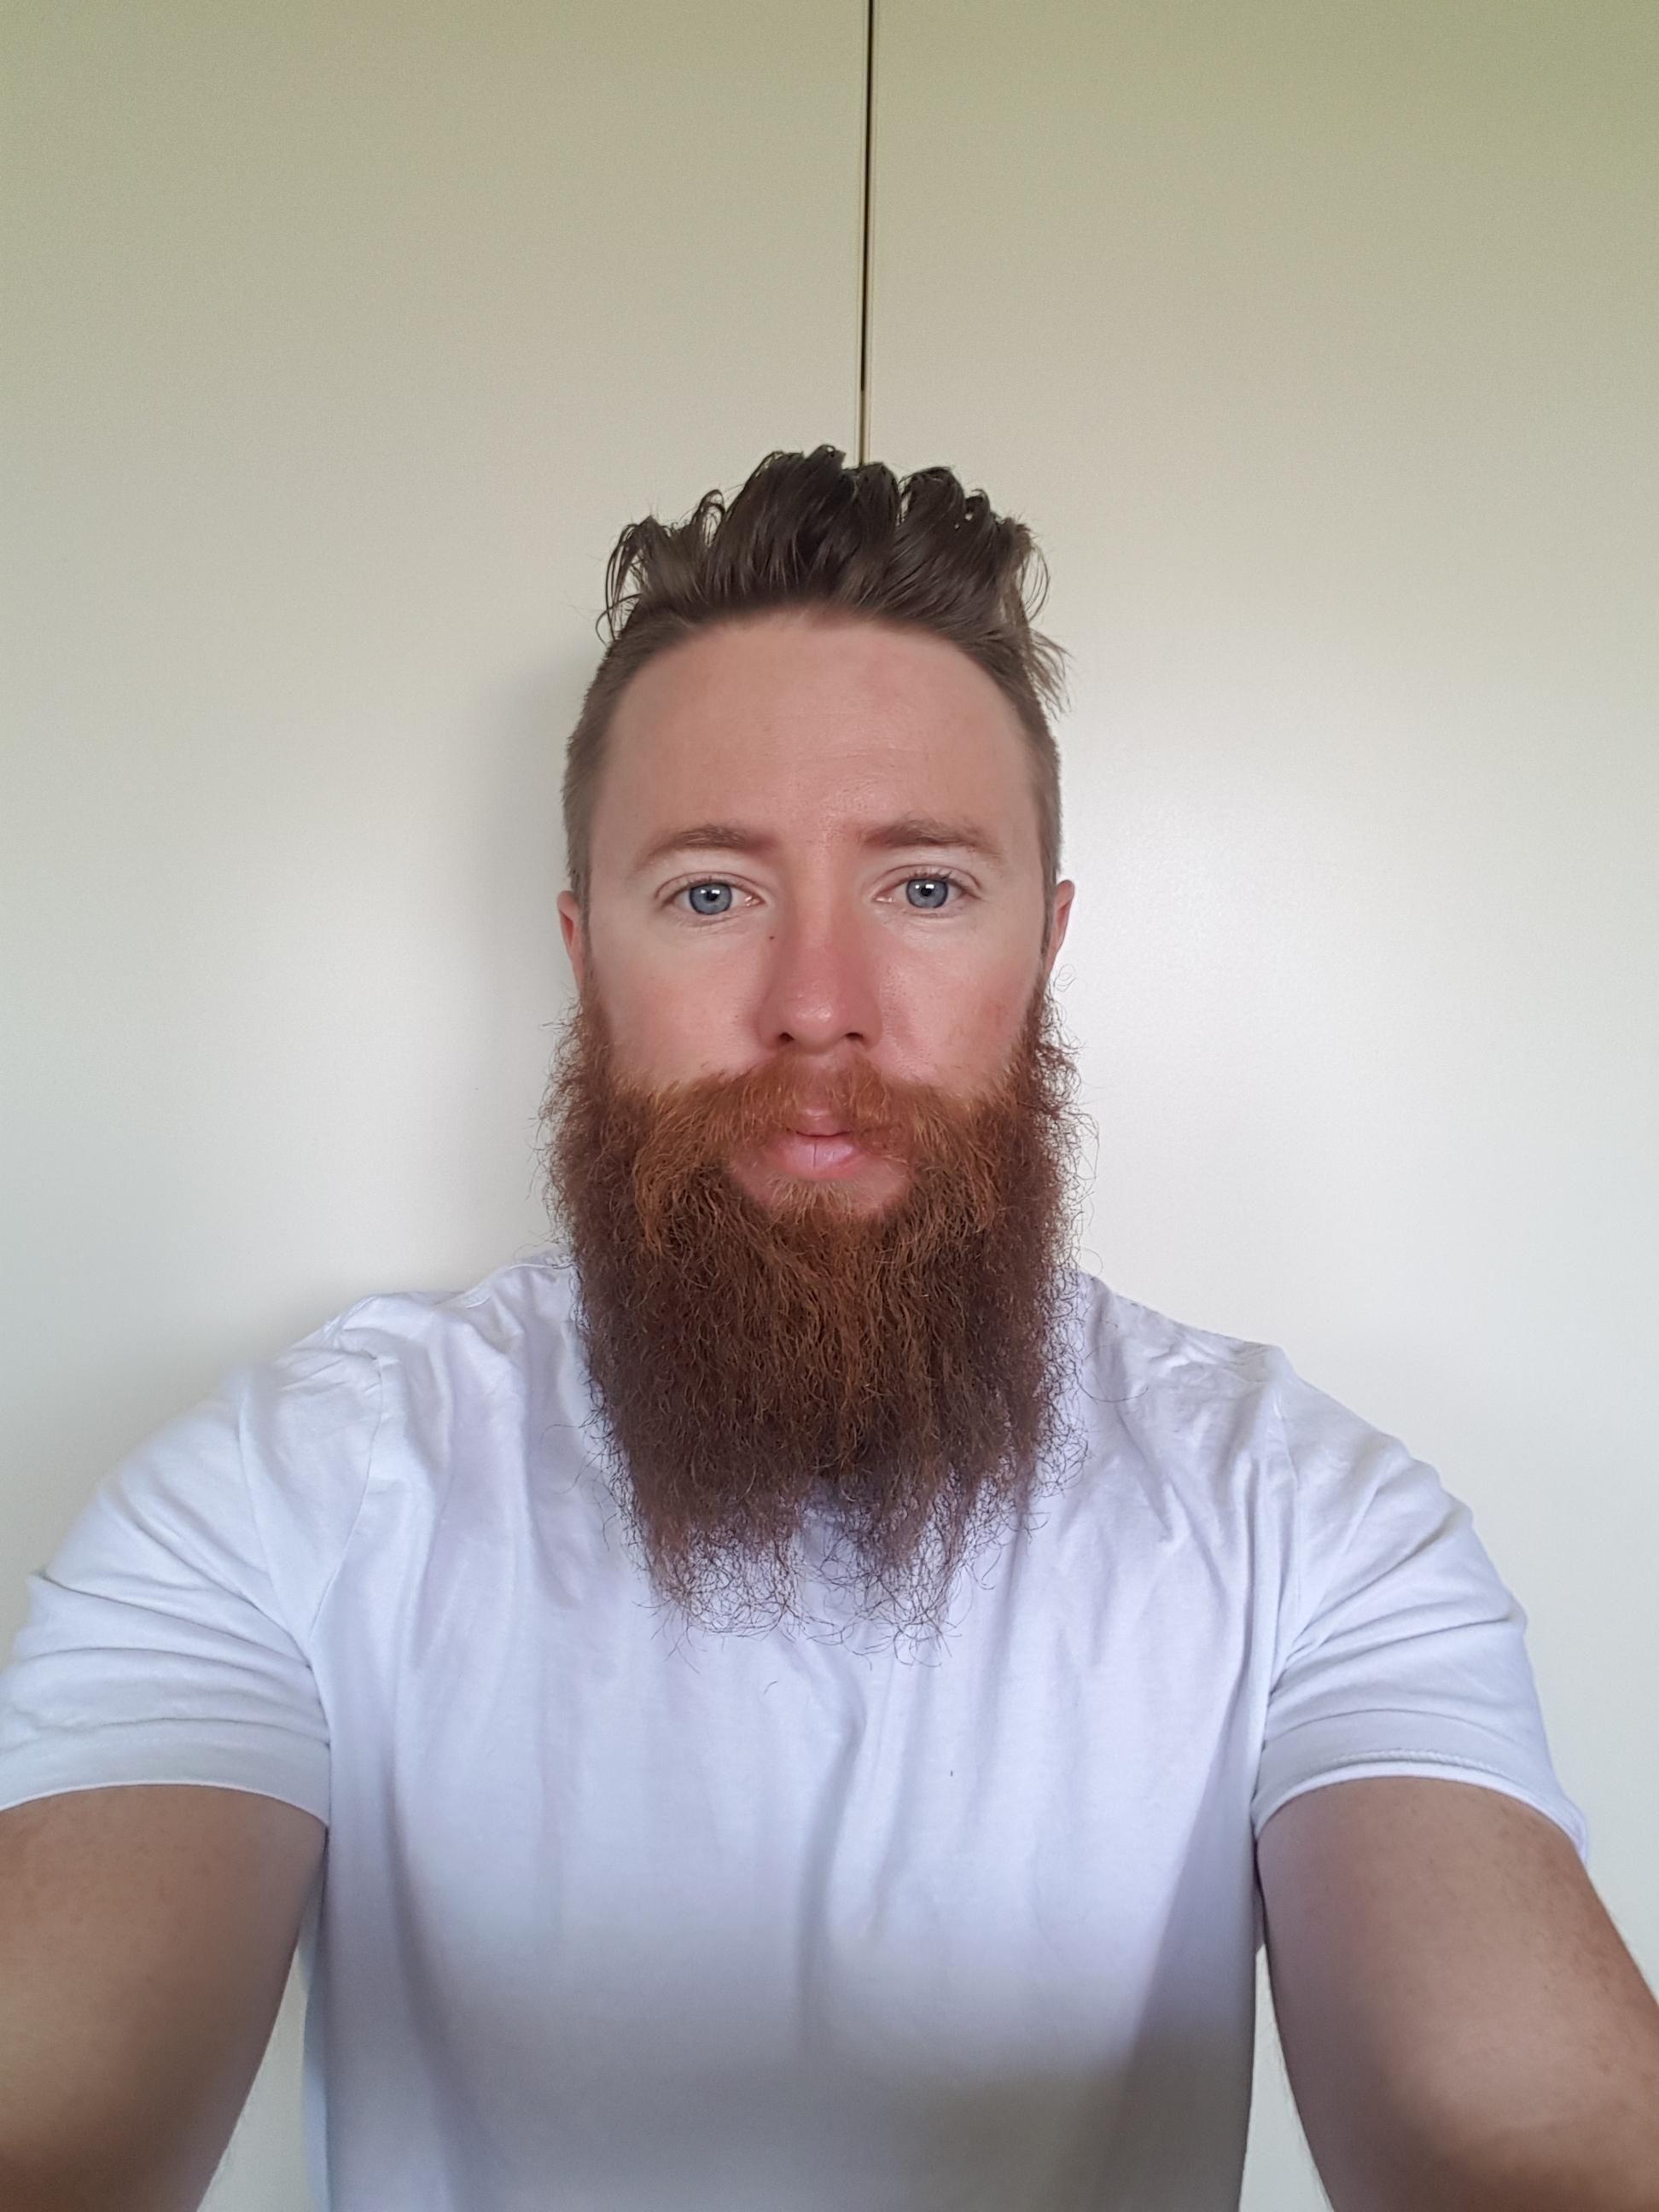 patchy beard yeard